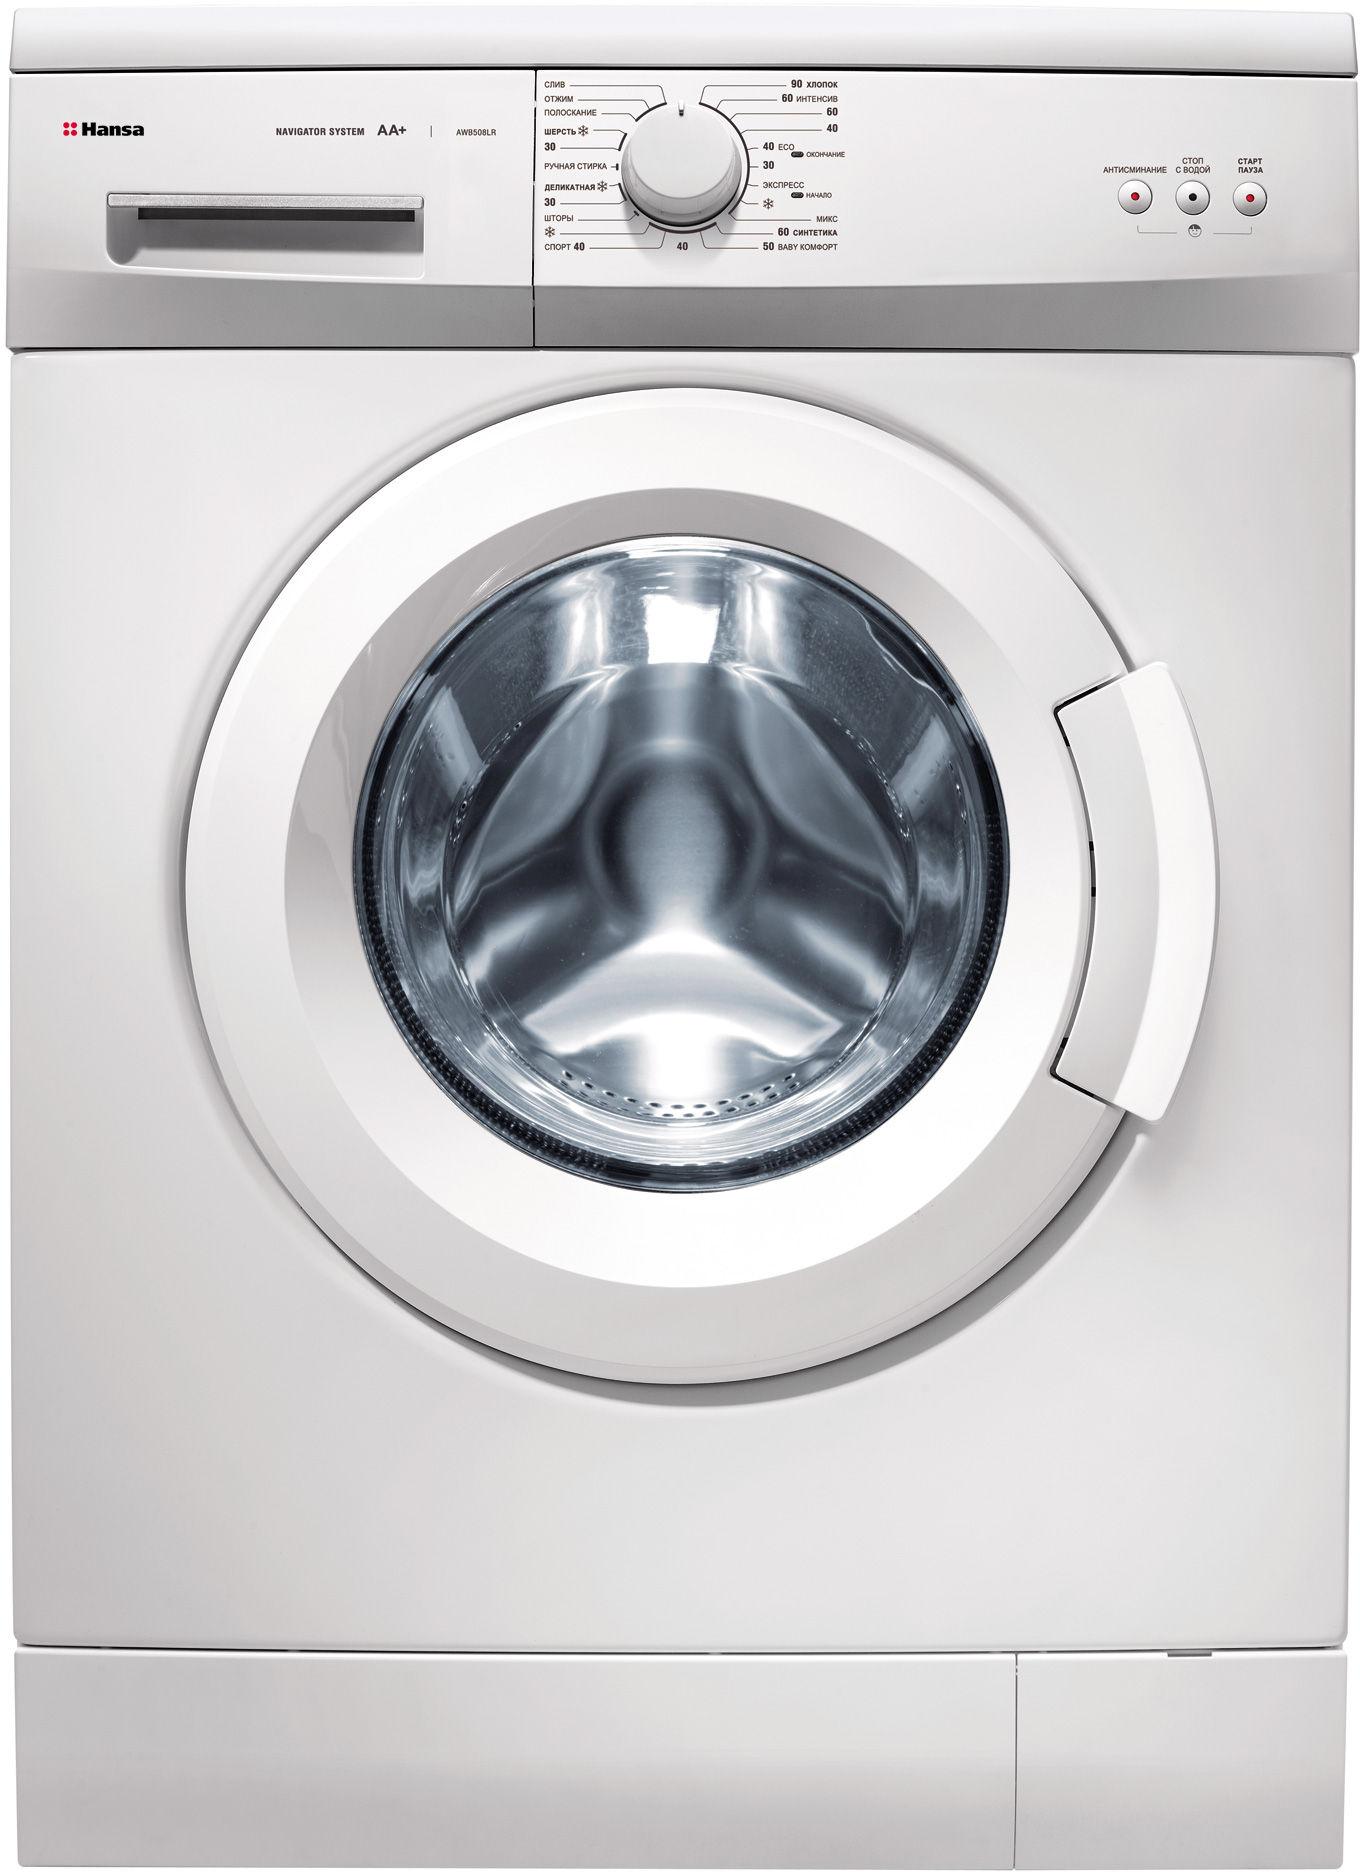 Ремонт стиральных машин Hansa в Казани